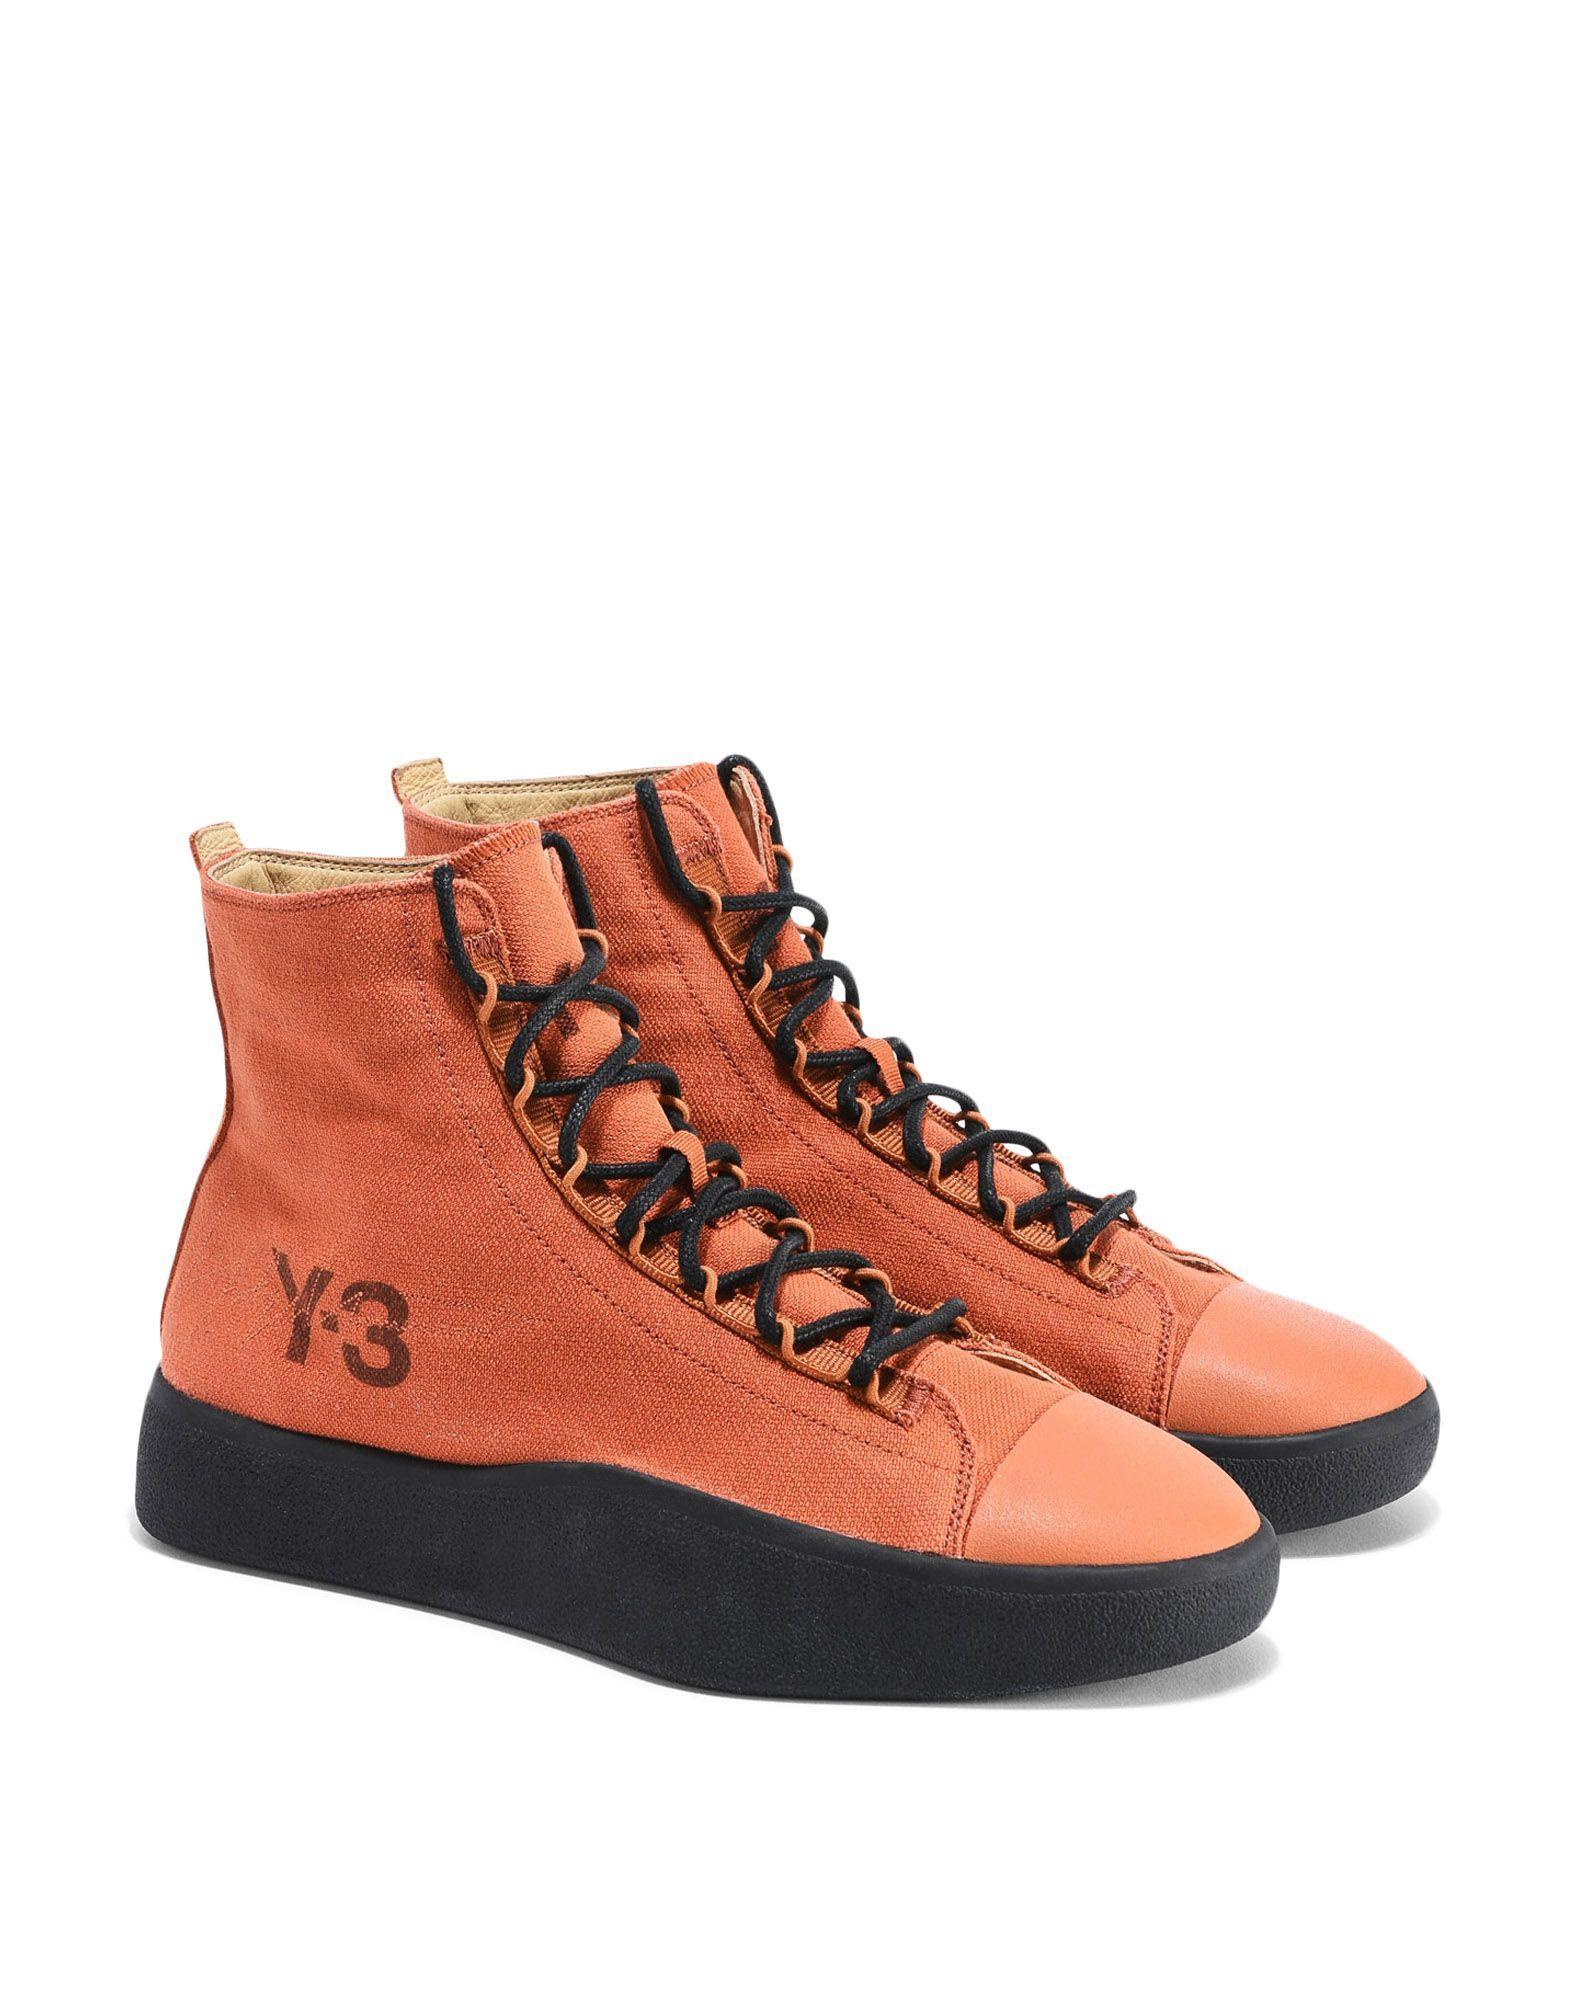 f58c930e1 Y-3 Bashyo II Shoes unisex Y-3 adidas